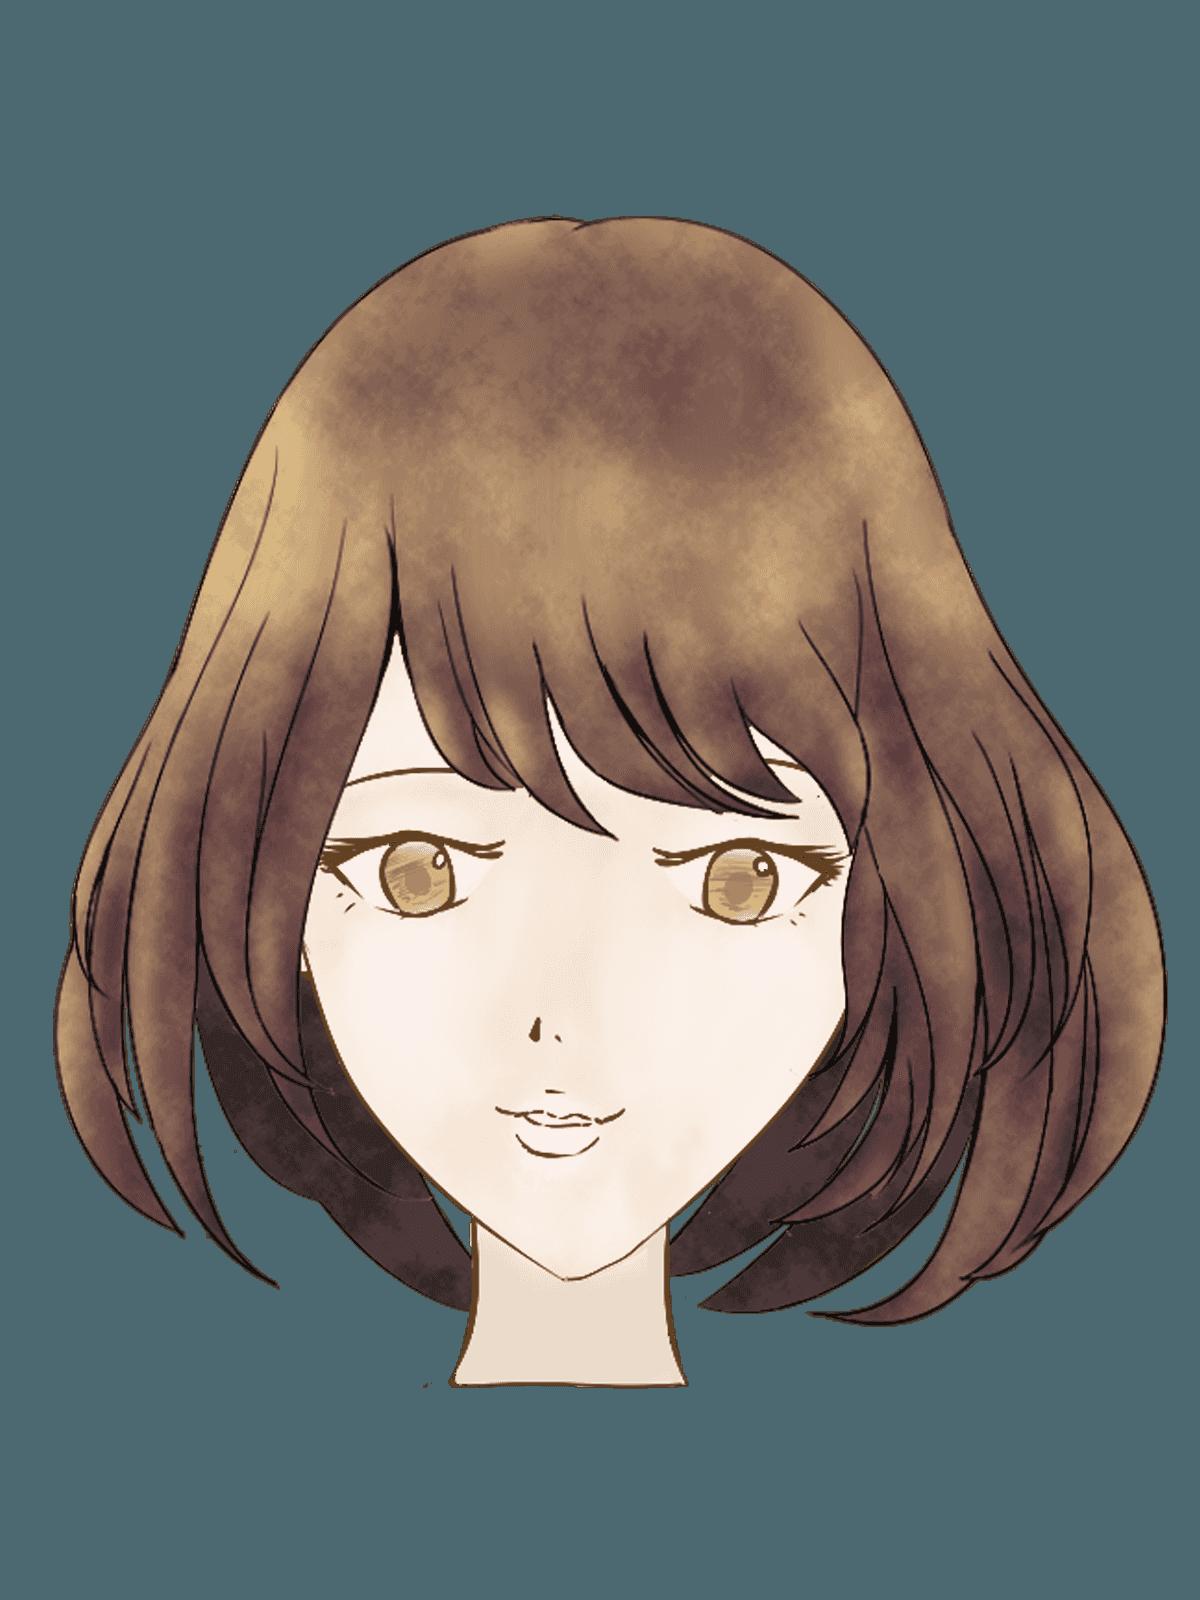 ショートボブの女性の髪型イラスト